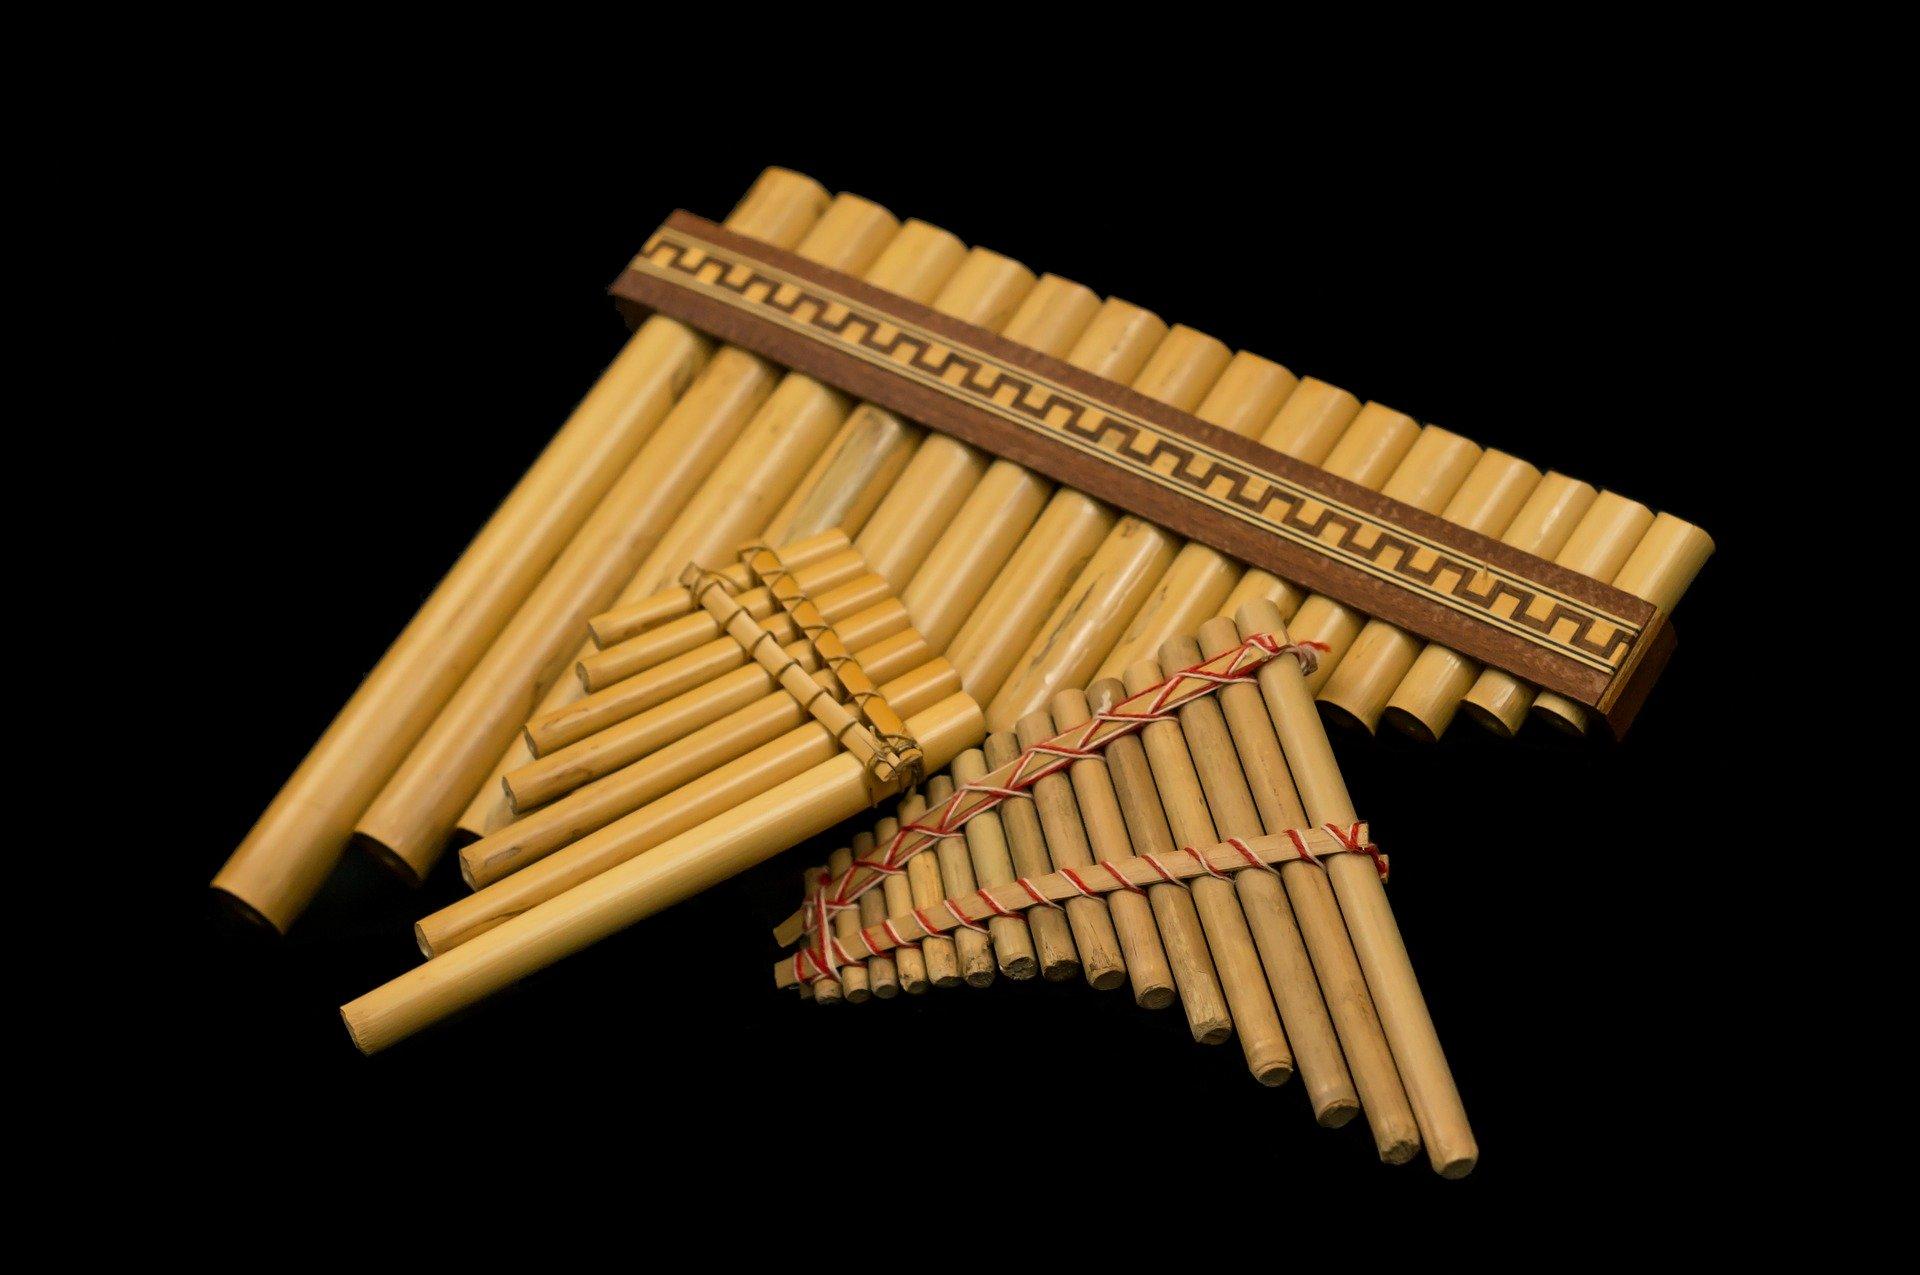 ペルー, 楽器, Zampoña, サンポーニャノ